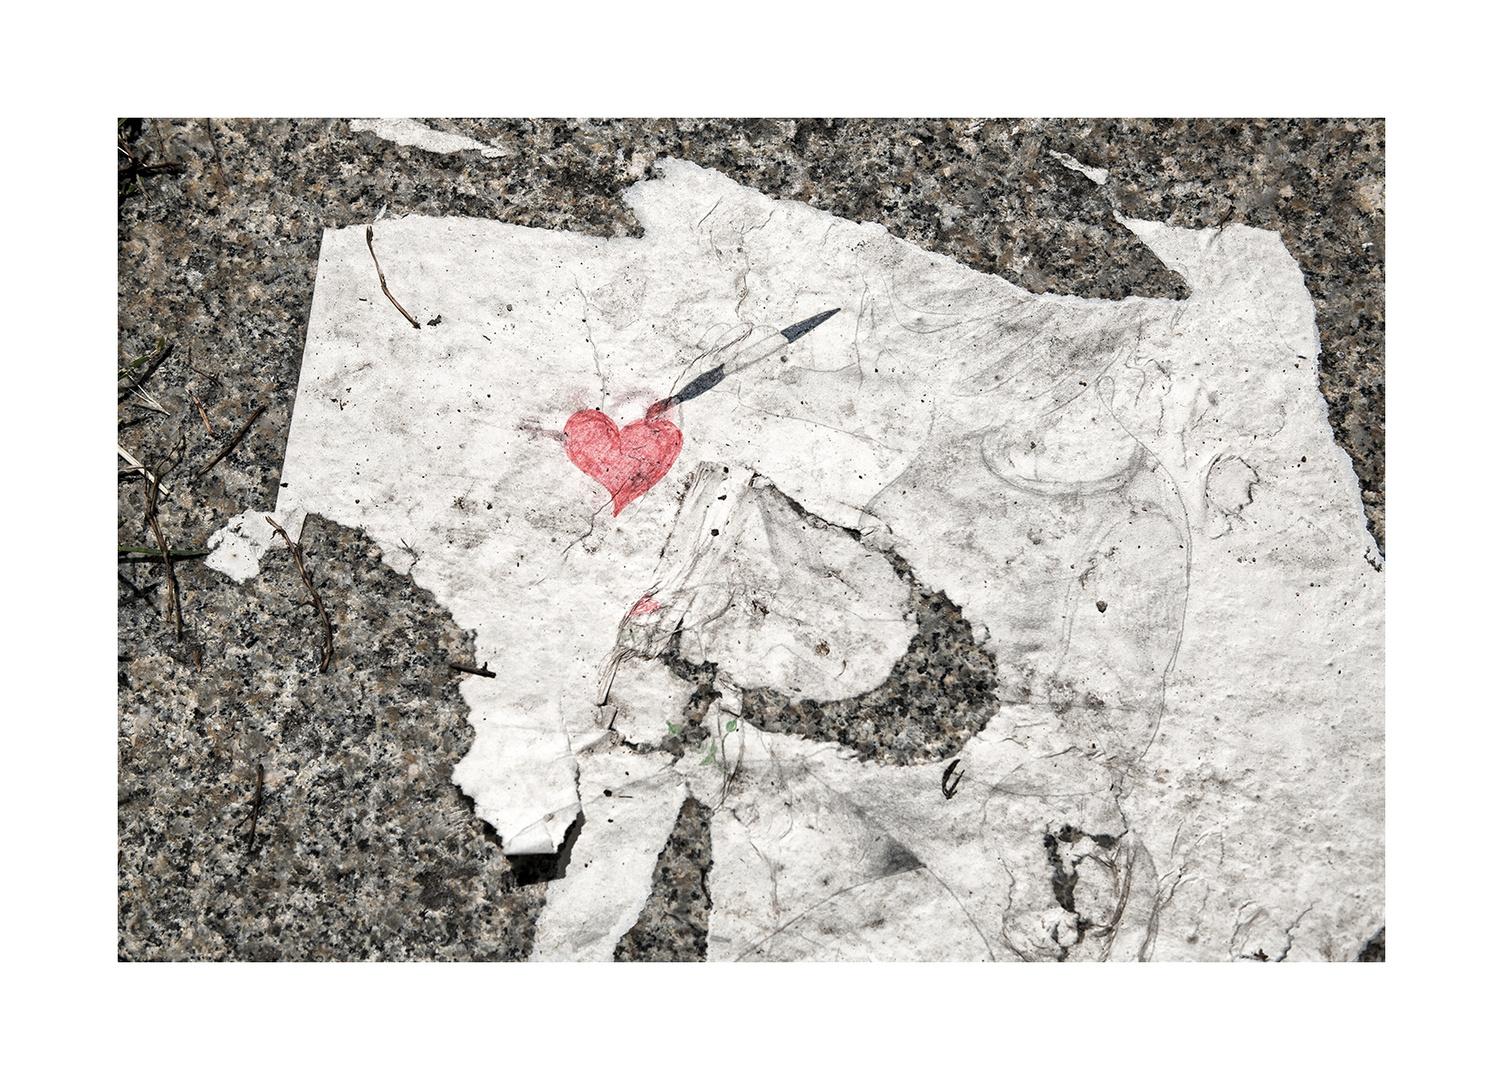 Am Boden Zerstort Foto Bild Street Spezial Dokumentation